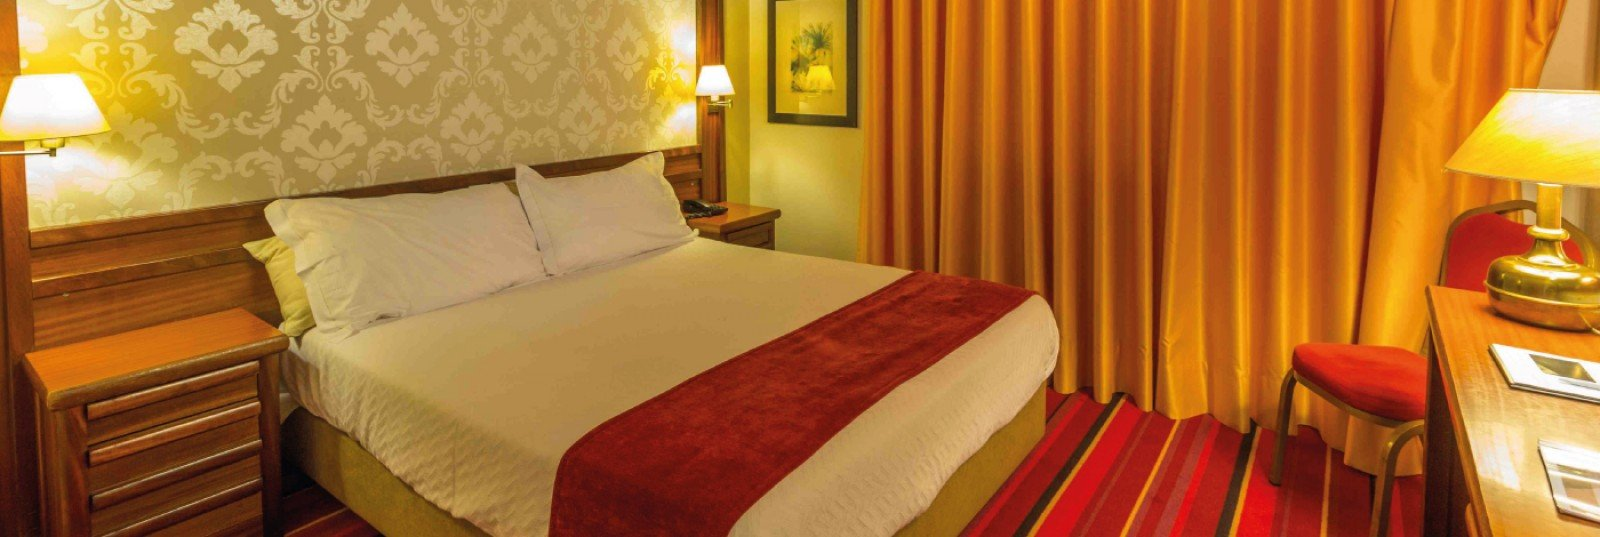 Hotel Eurosol Seia Camelo - quarto duplo superior